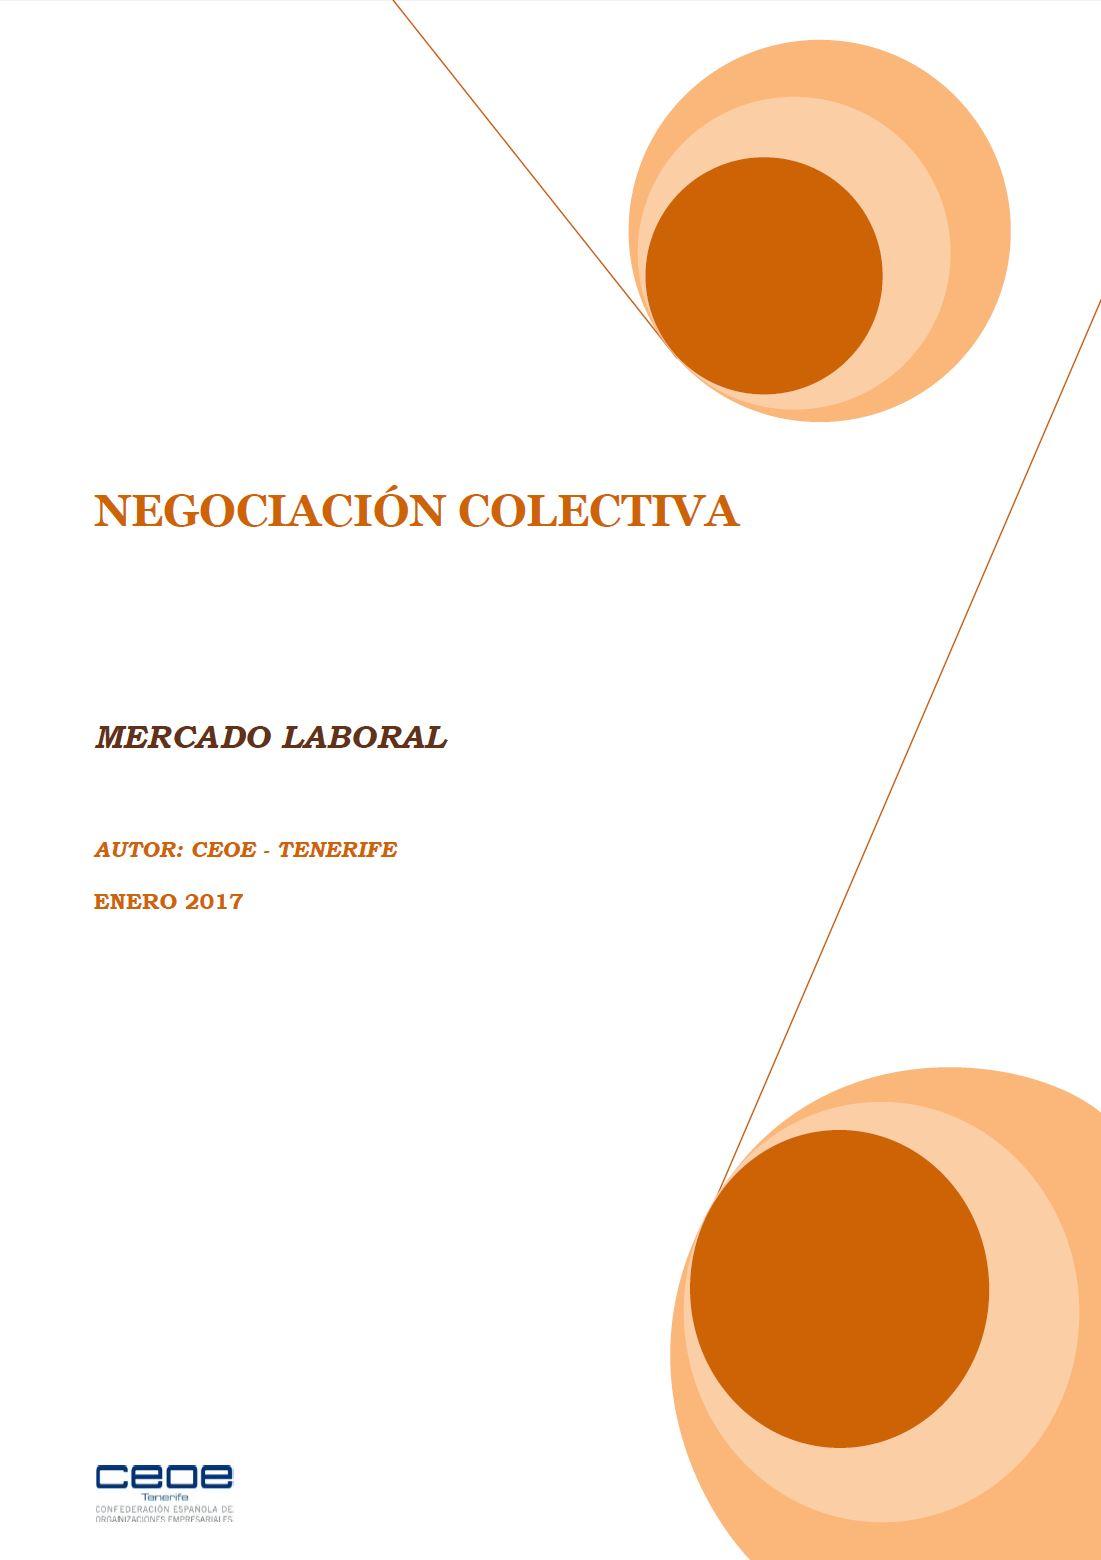 Enero Negociacion Colectiva